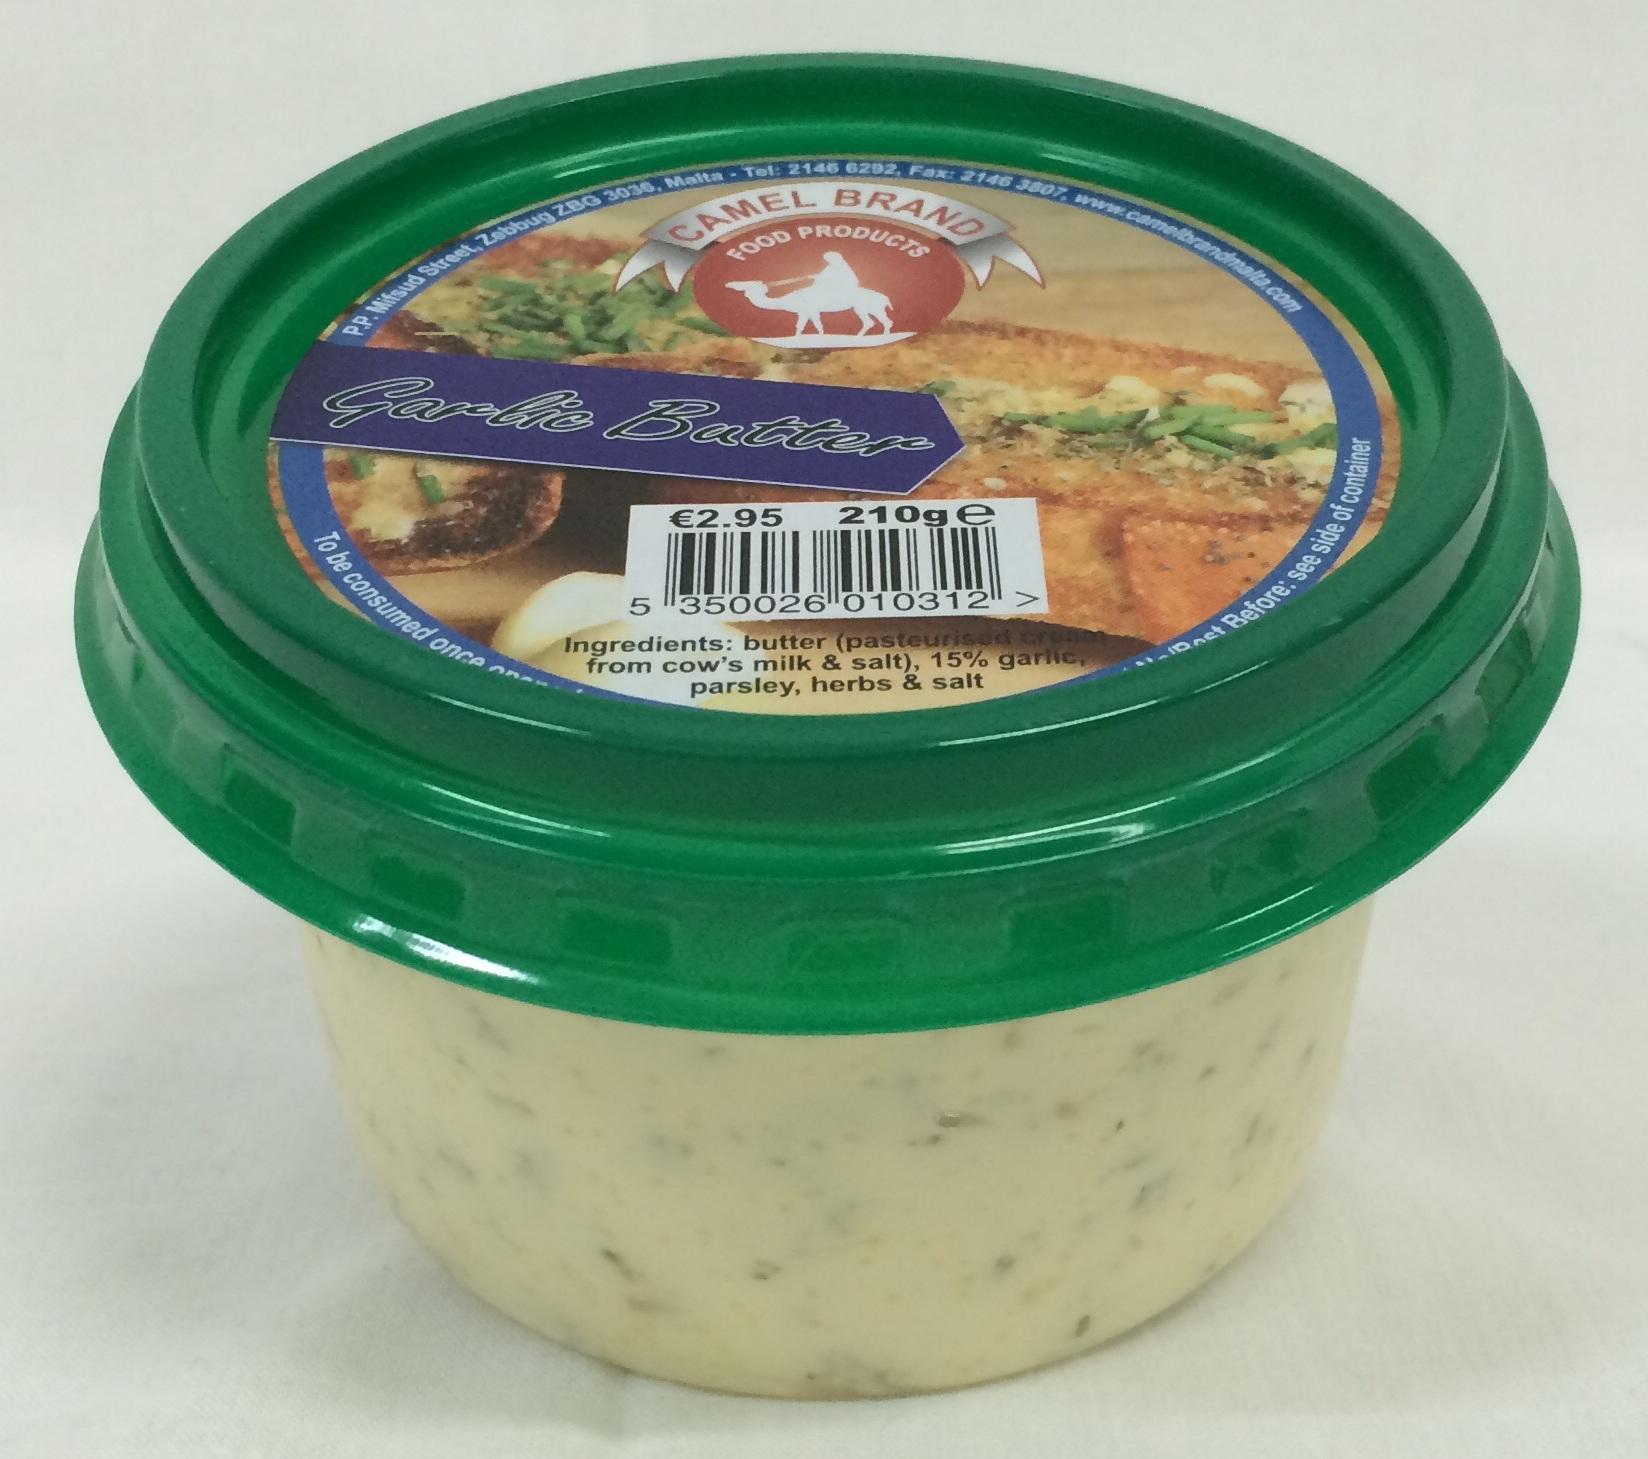 Camel Brand Garlic Butter